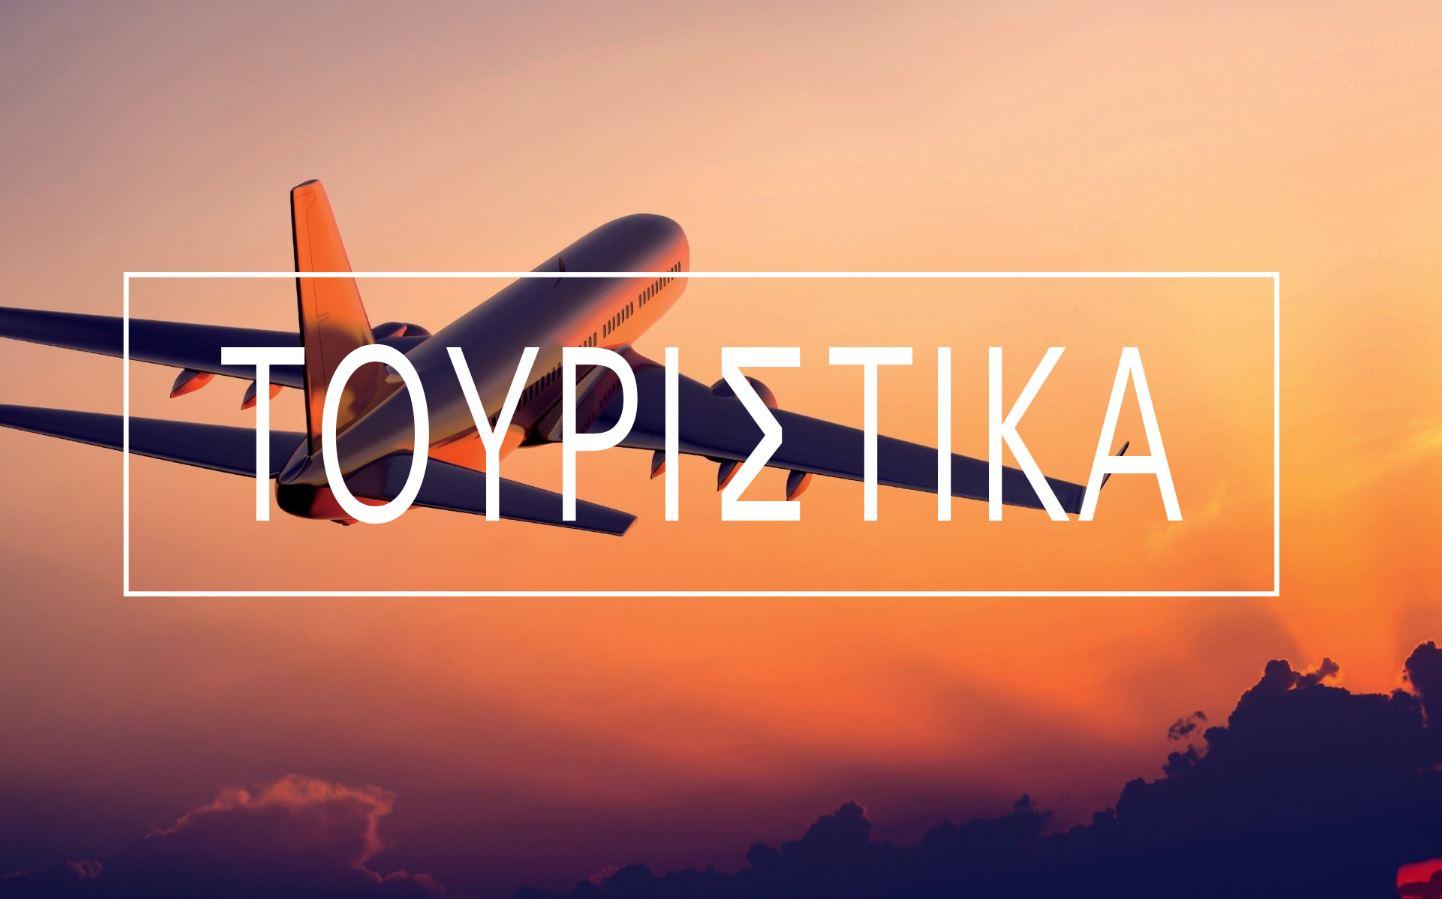 touristika-1